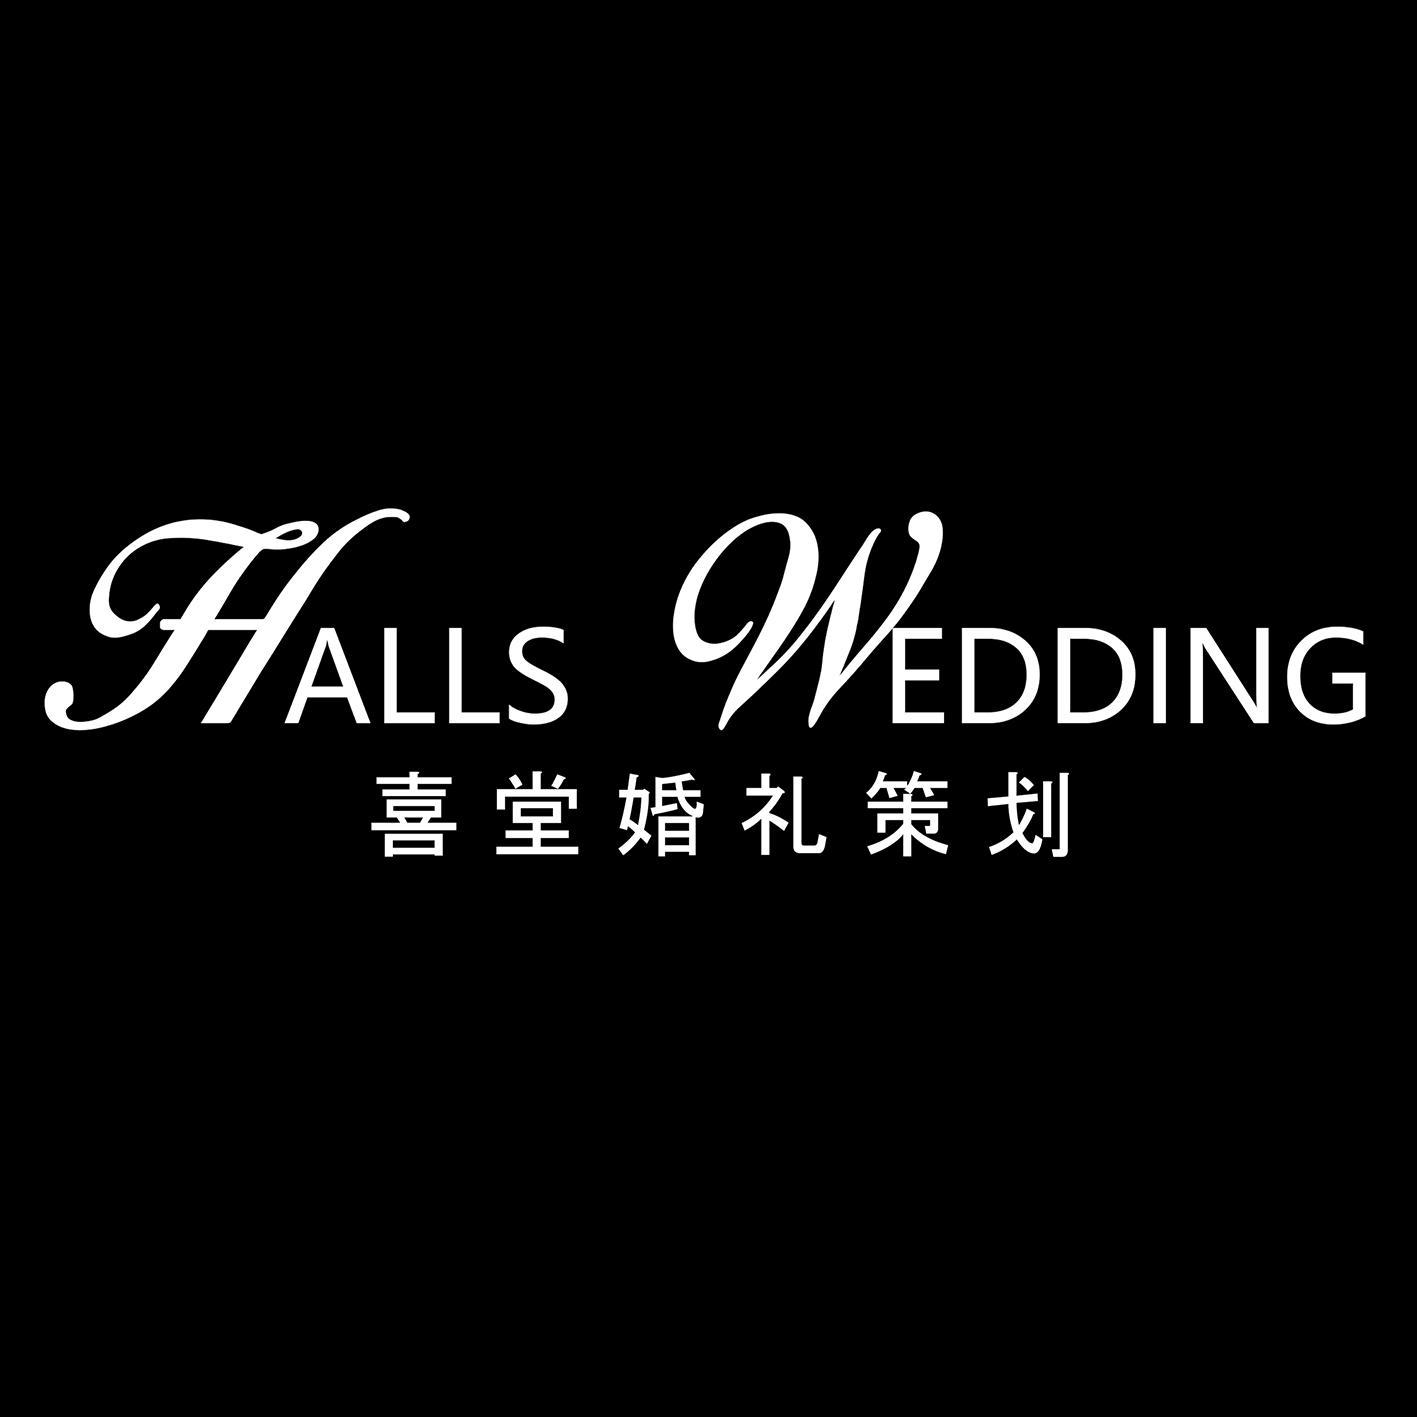 Halls wedding喜堂婚礼策划